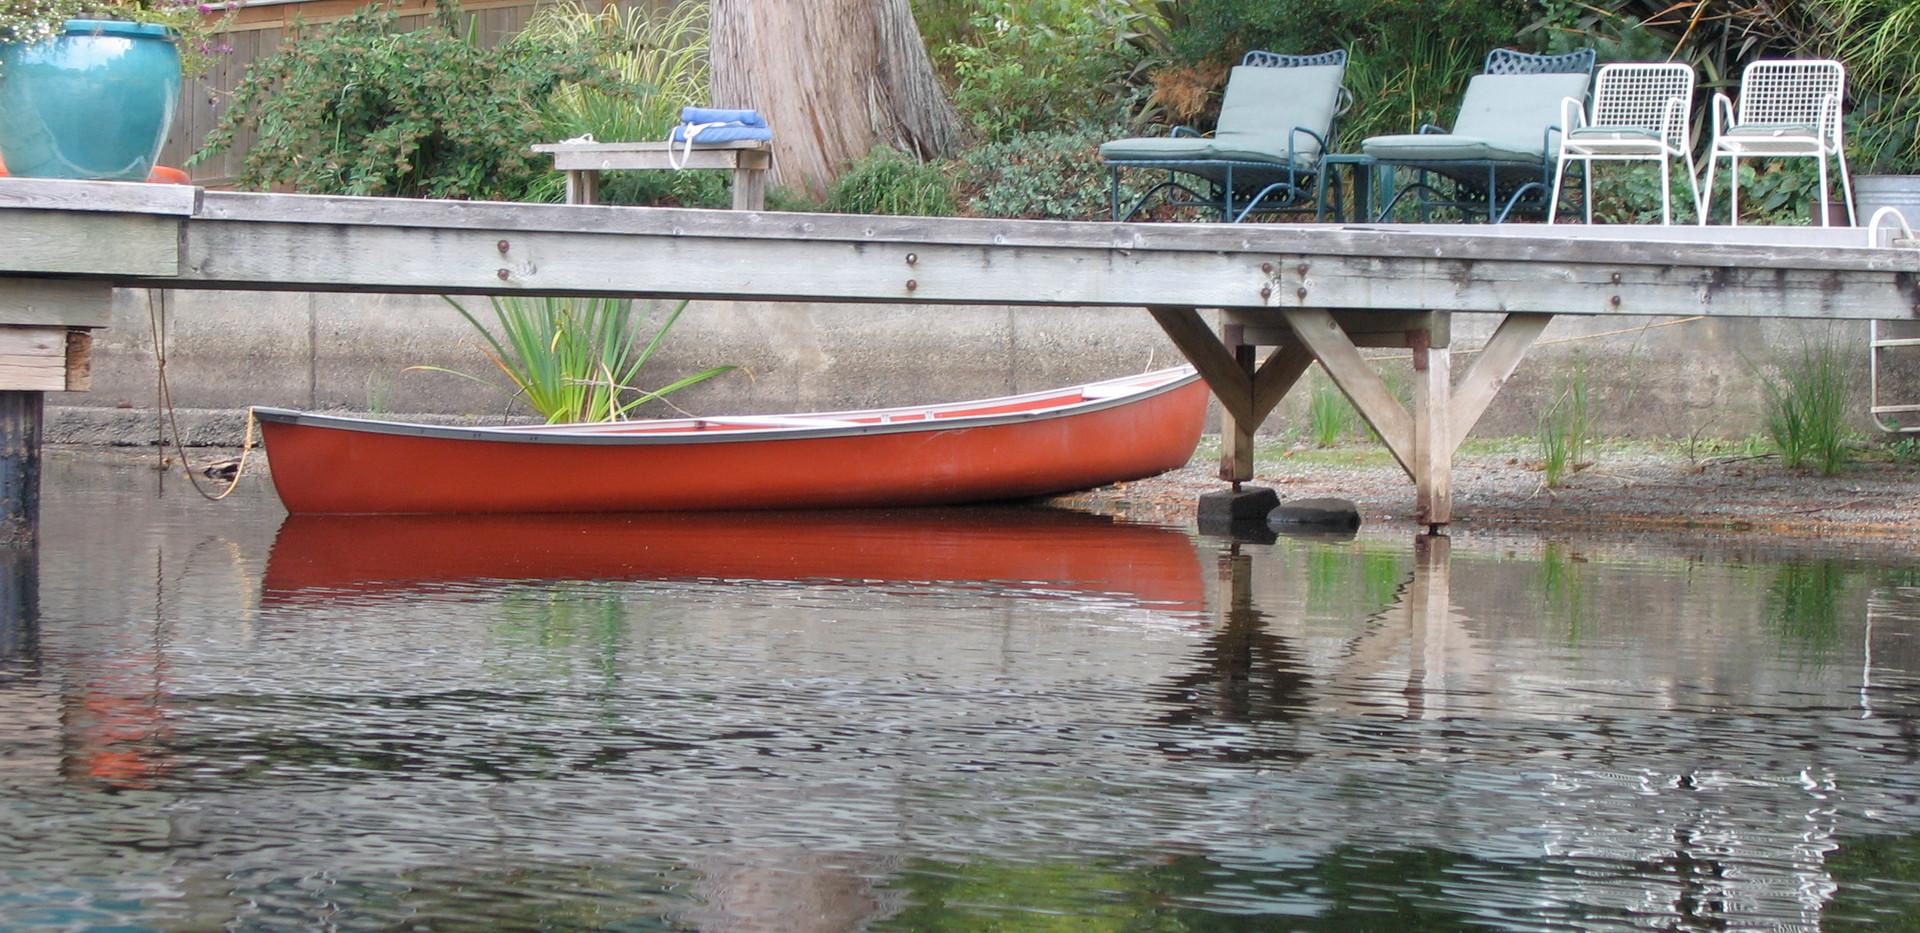 78 BL cmt wll w_ canoe dock.jpg